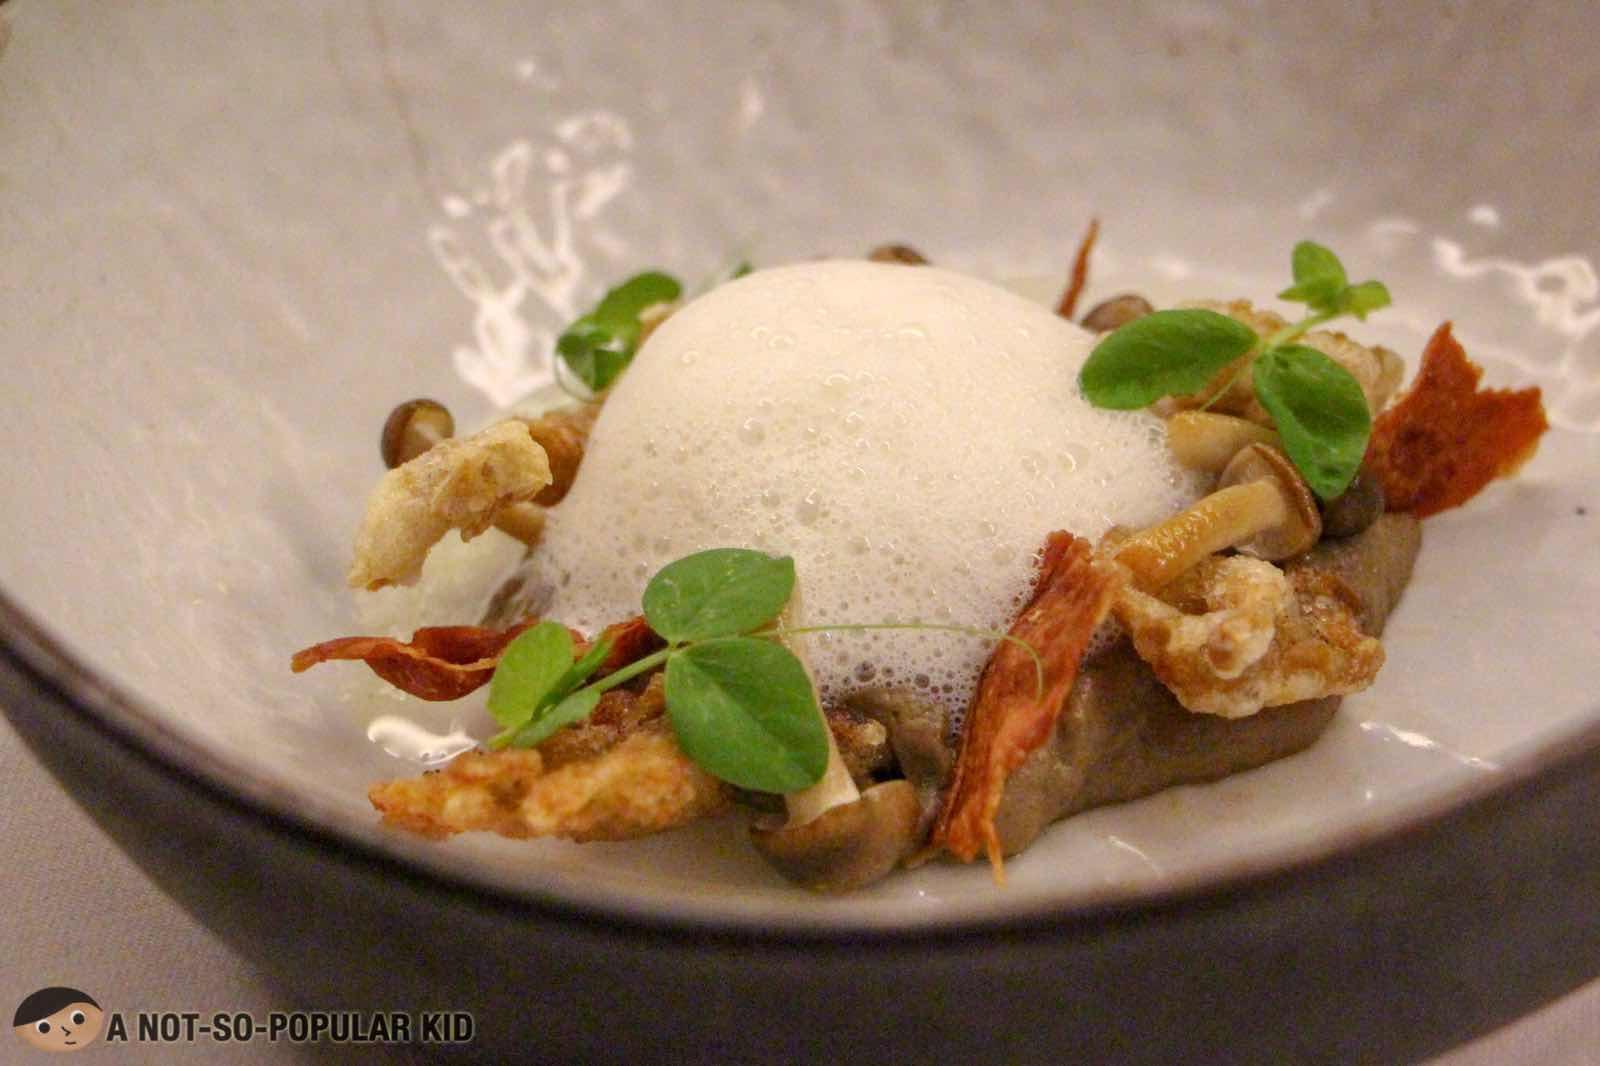 Mushroom and Egg of FOO'D by Davide Oldani